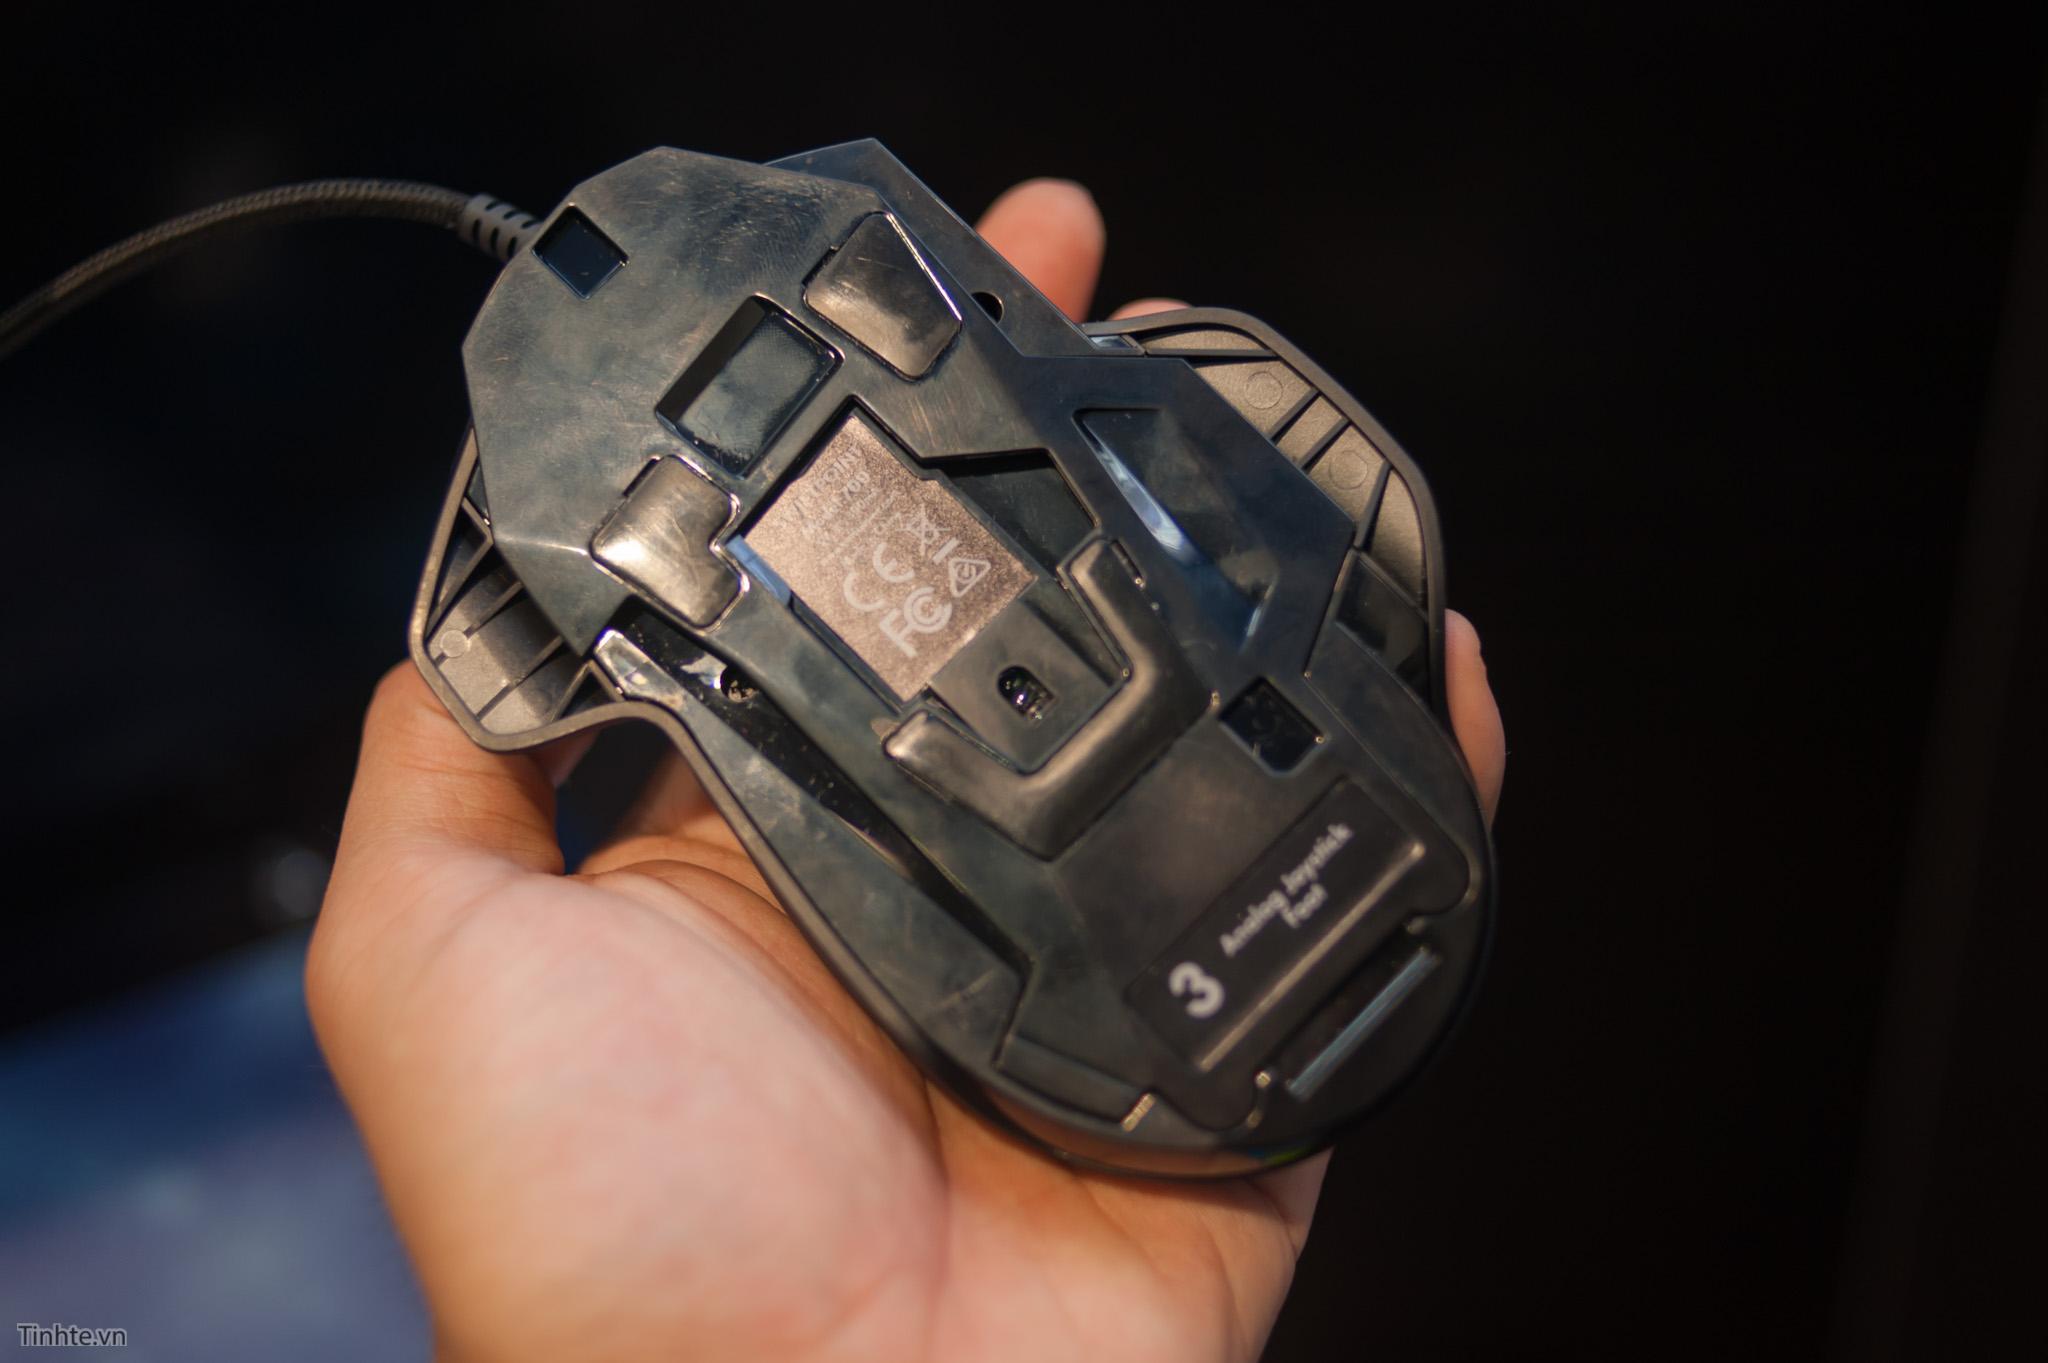 Swiftpoint The Z: chuột chơi game kiêm joystick, nghiêng lắc xoay đa hướng